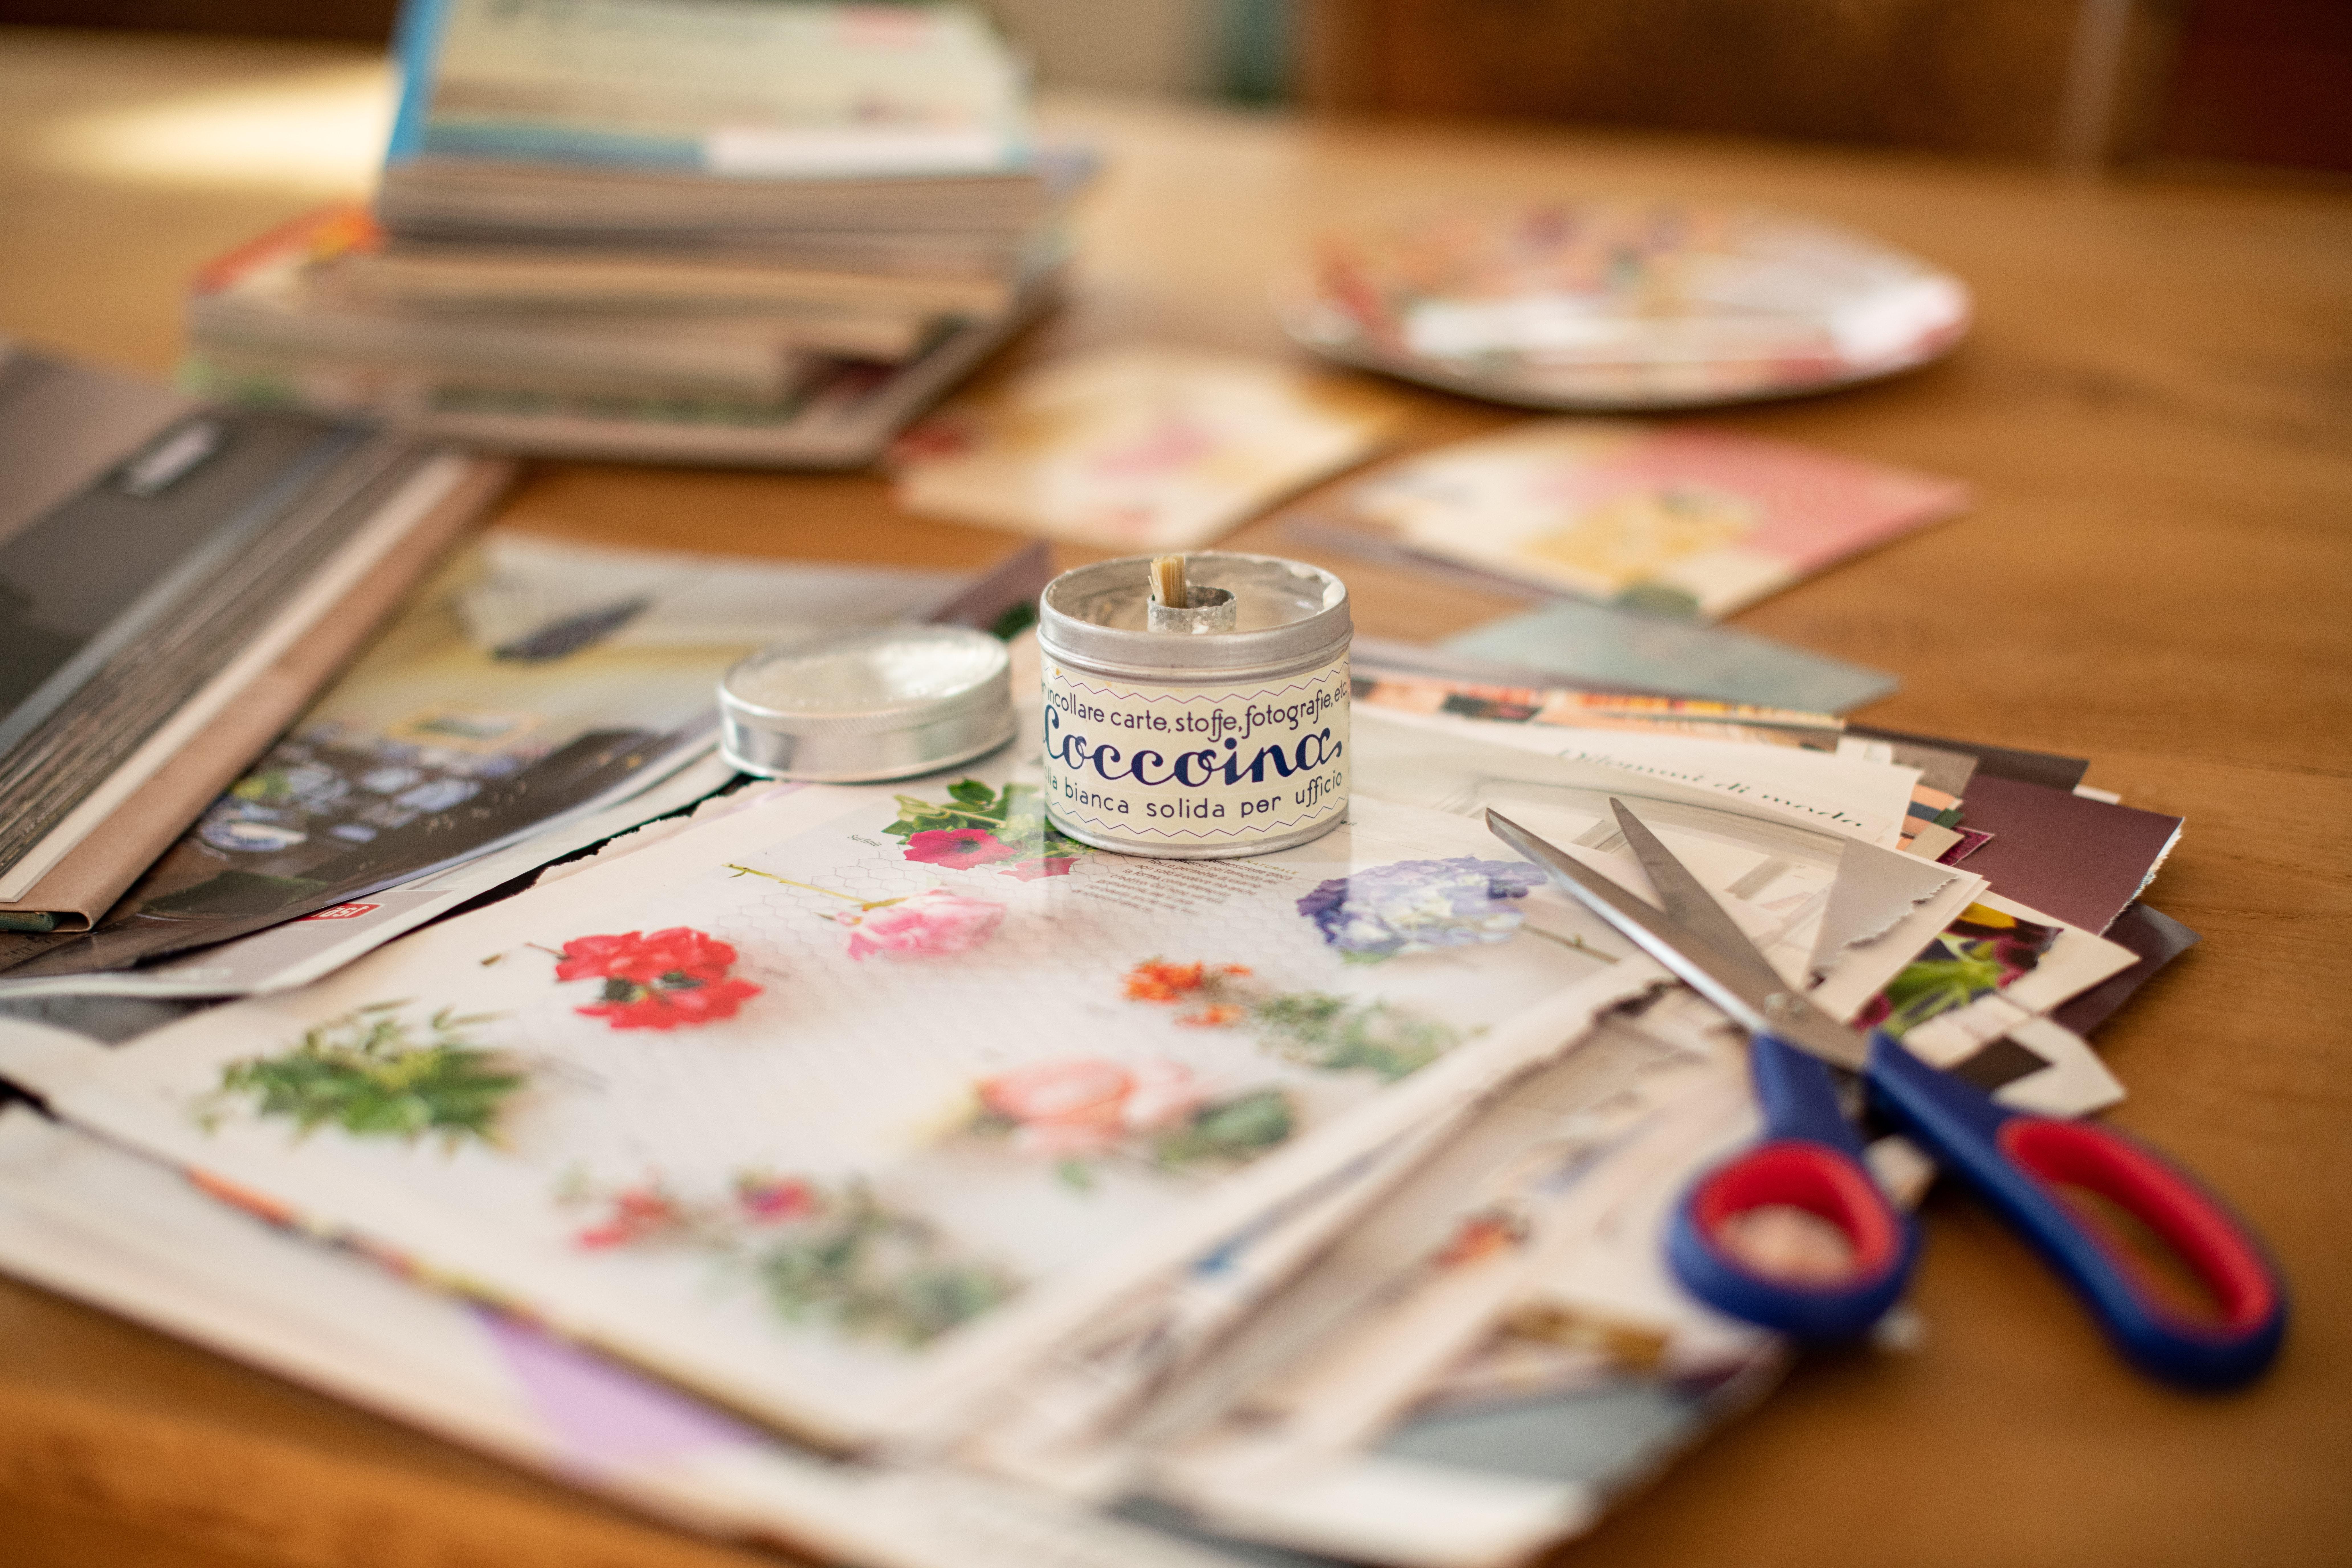 10-idee-creative-per-riciclare-ritagli-e-avanzi-di carta